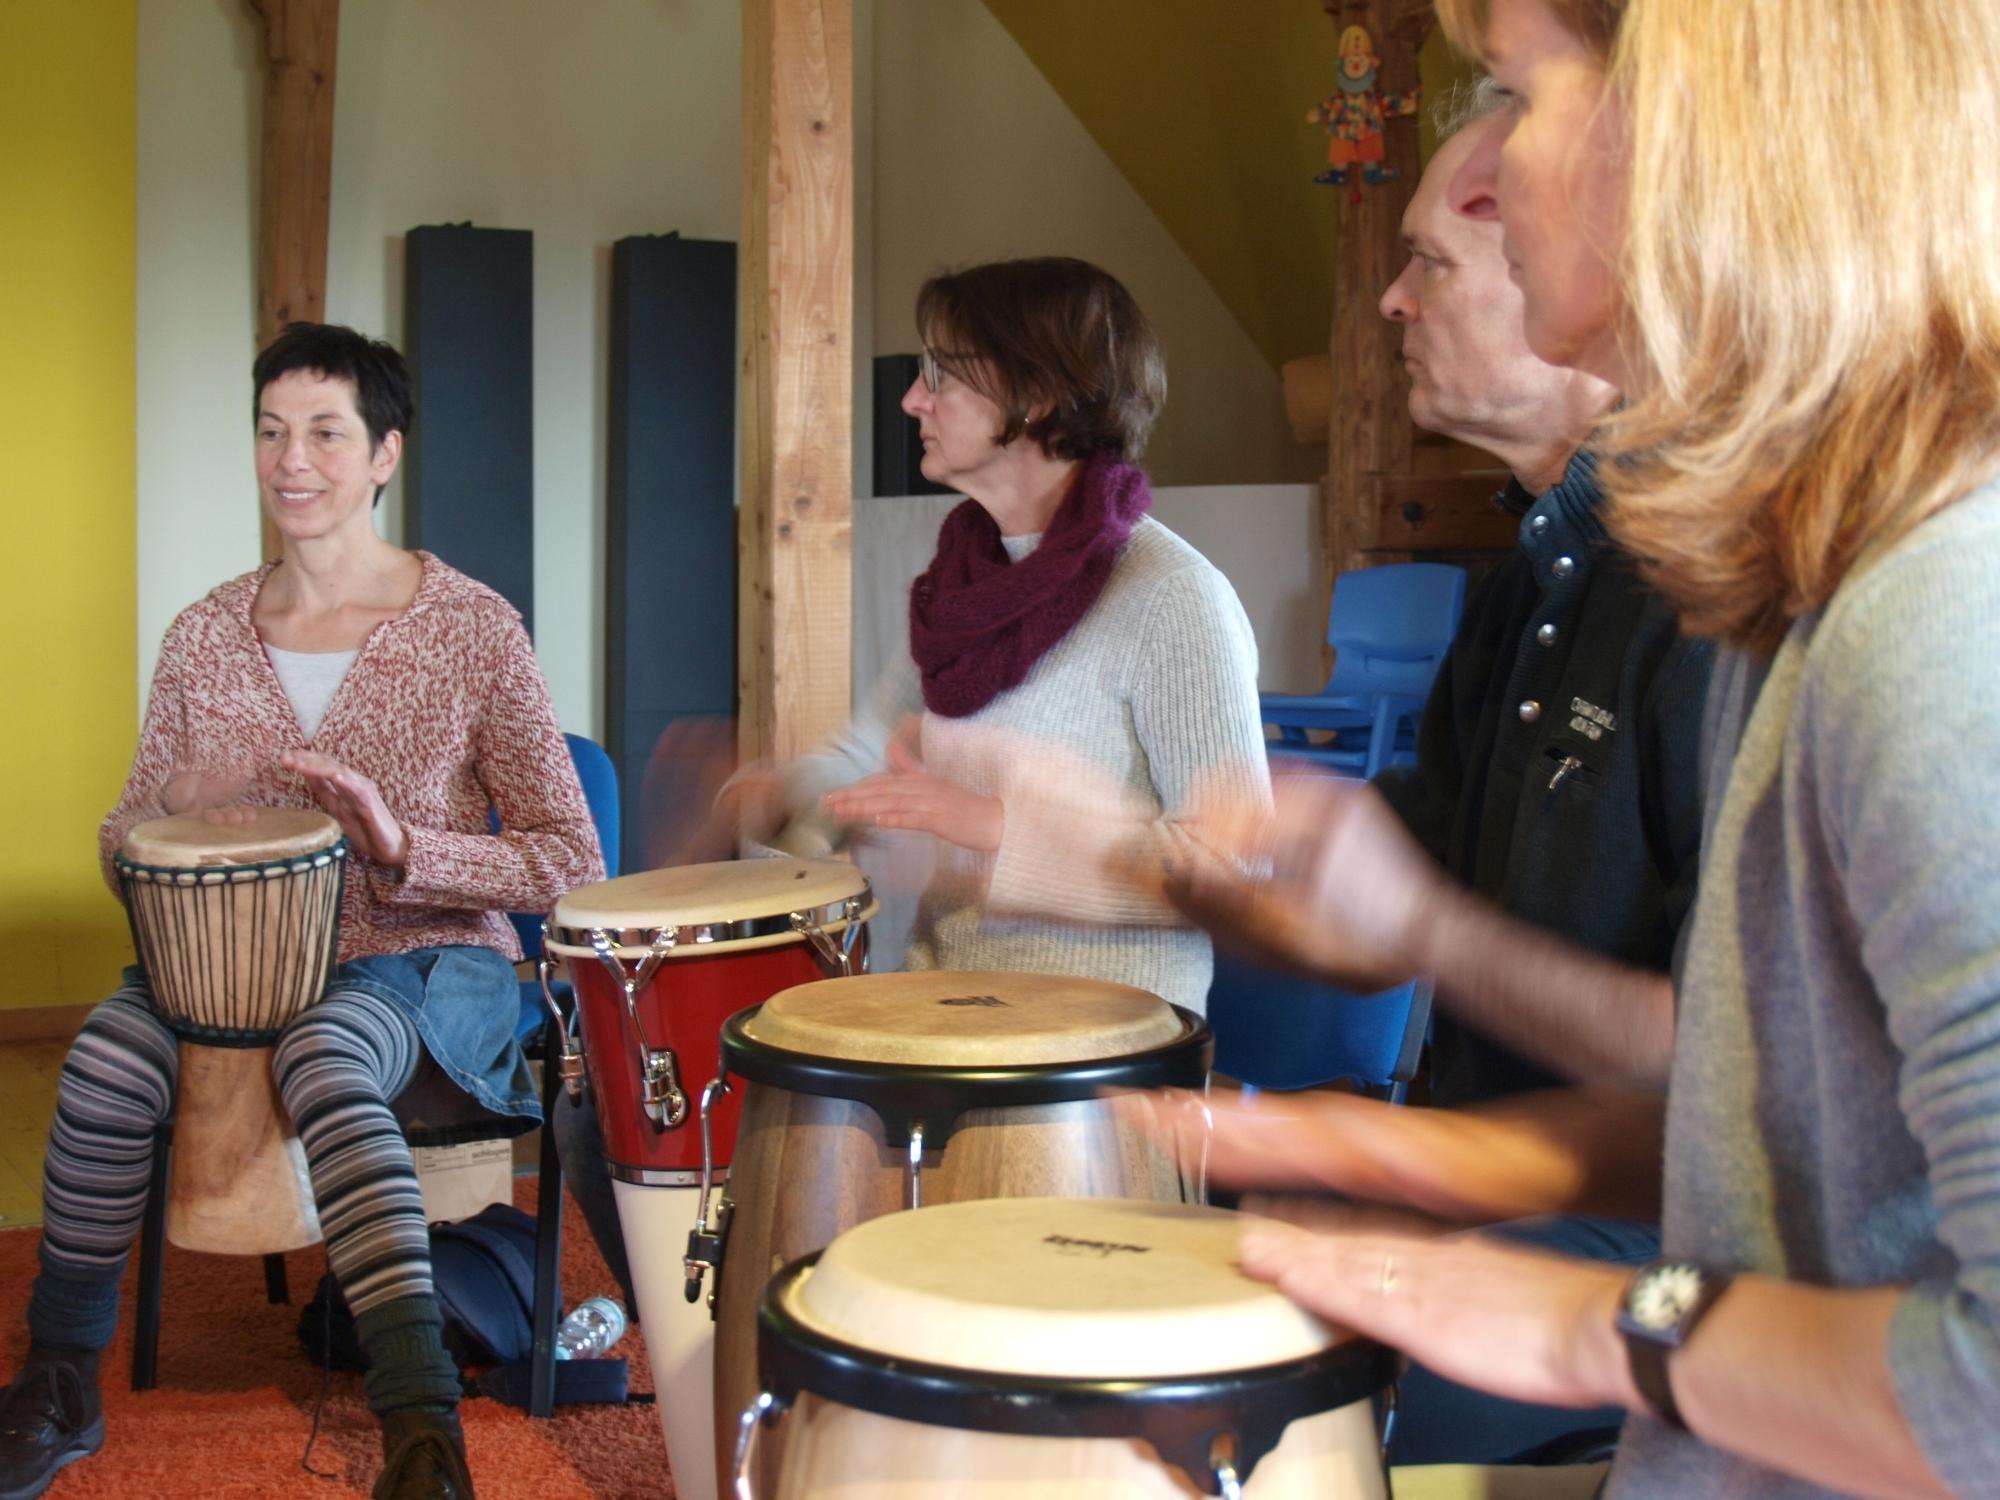 """In der Gruppe macht Trommeln am meisten Spaß (von links): Sabine, Christiane, Reinhard und Claudia versuchen sich an der rhythmischen """"Teekanne"""". Foto: Ulrike Havermeyer"""